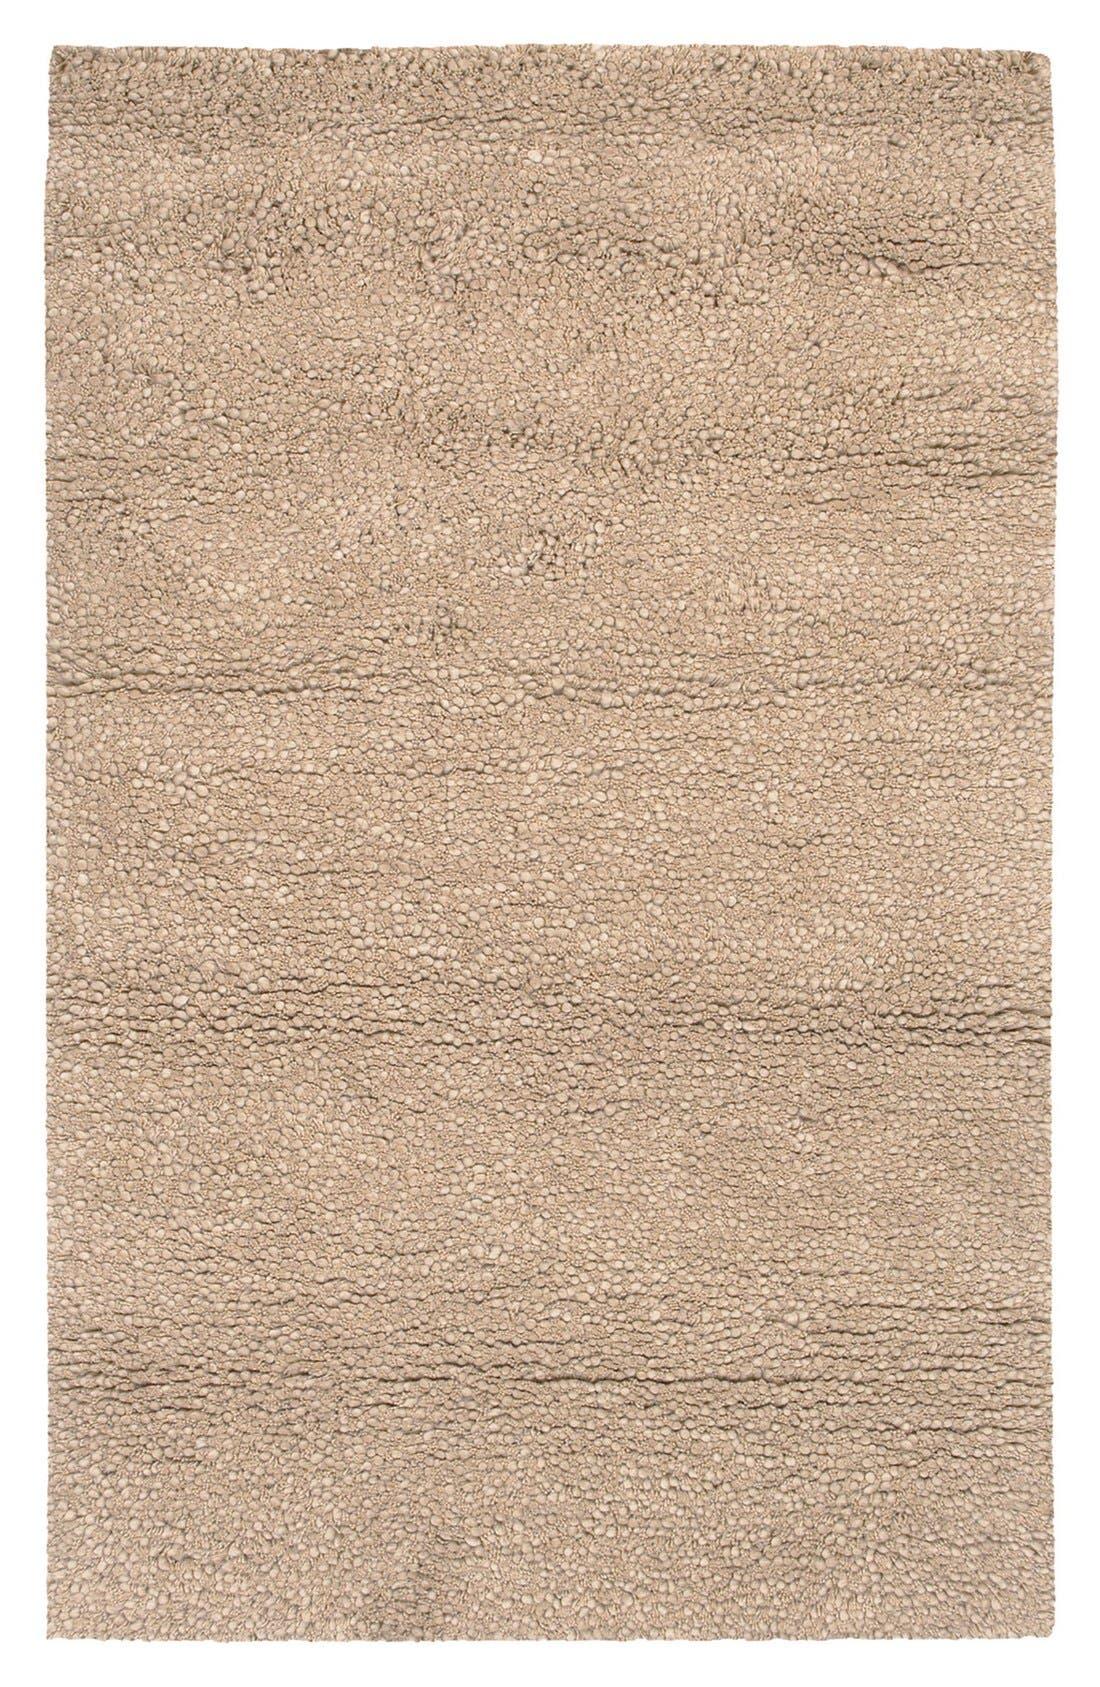 'Metropolitan' Wool Rug,                             Main thumbnail 1, color,                             250